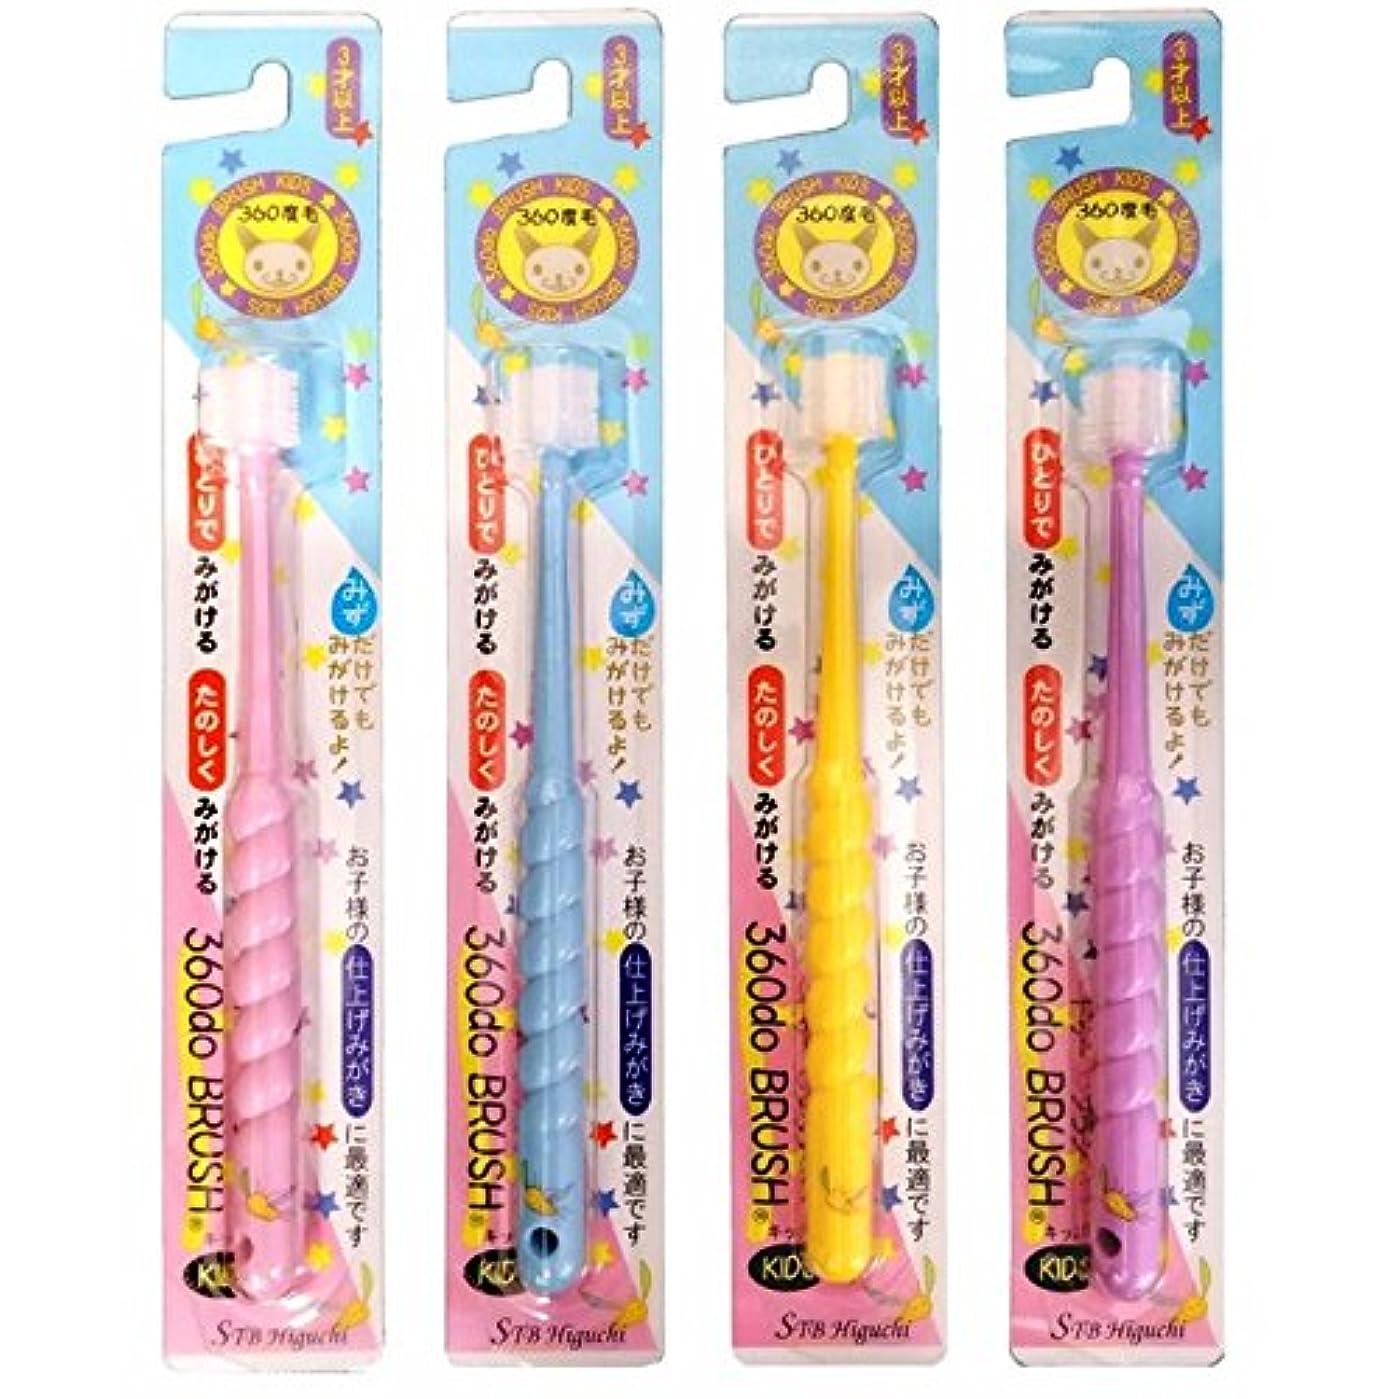 検索エキサイティングプット360度歯ブラシ 360do BRUSH キッズ(カラーはおまかせ) 10本セット